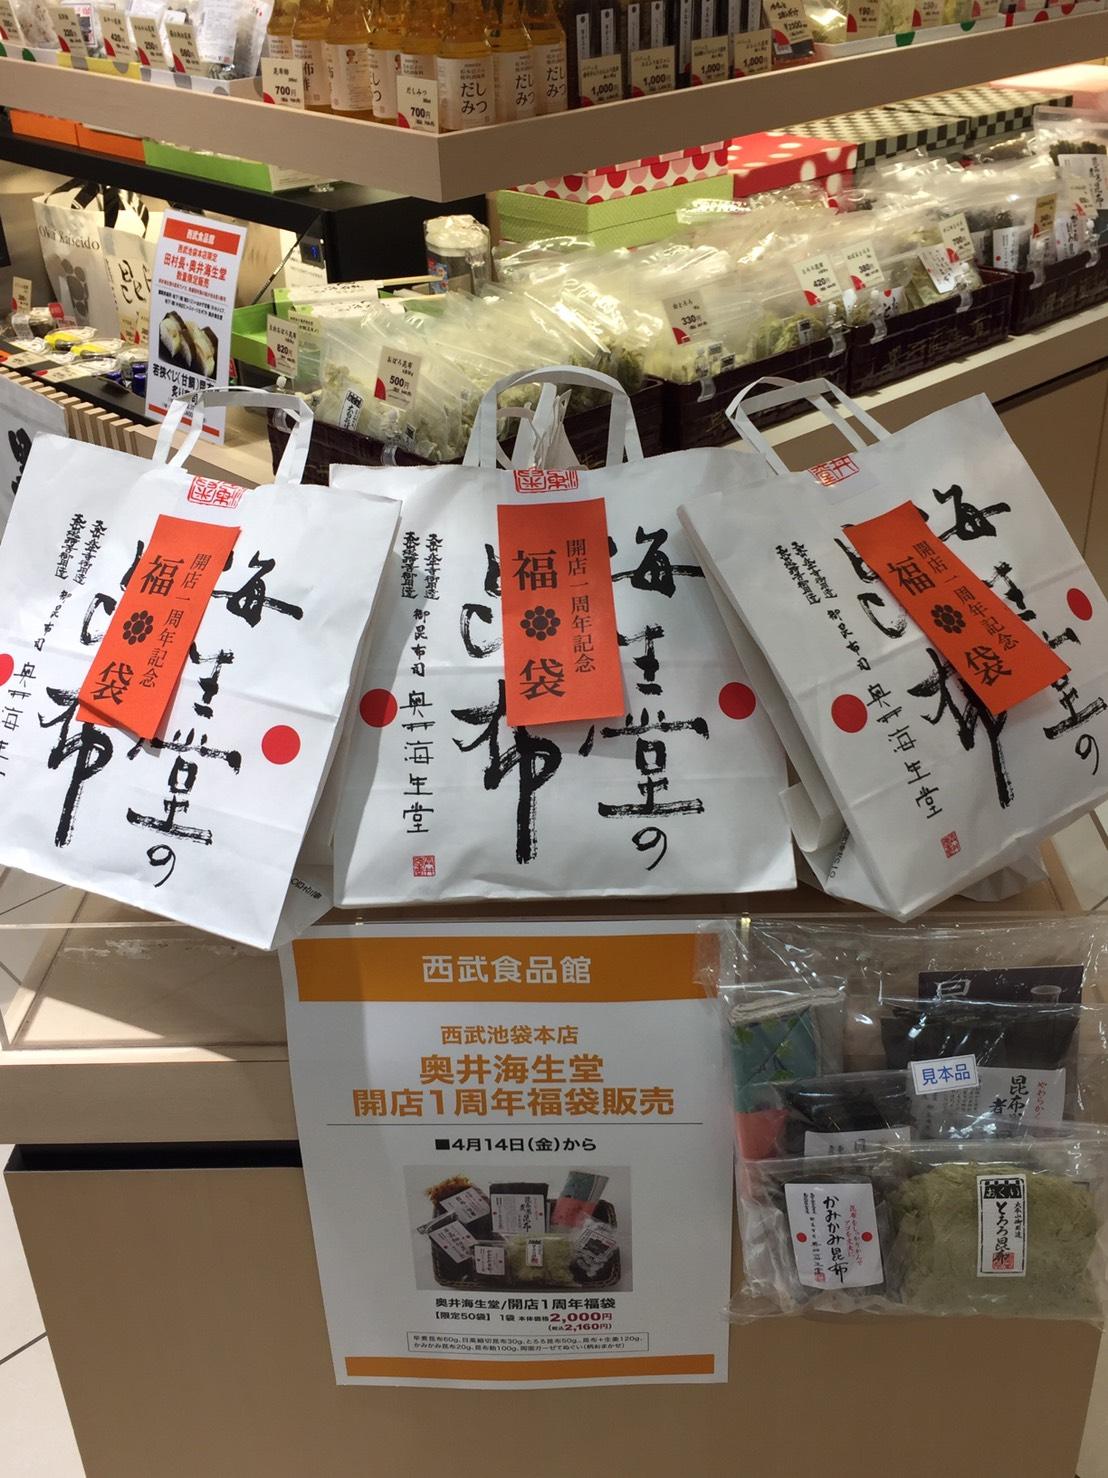 奥井海生堂 西武池袋店1周年企画。福袋販売中★